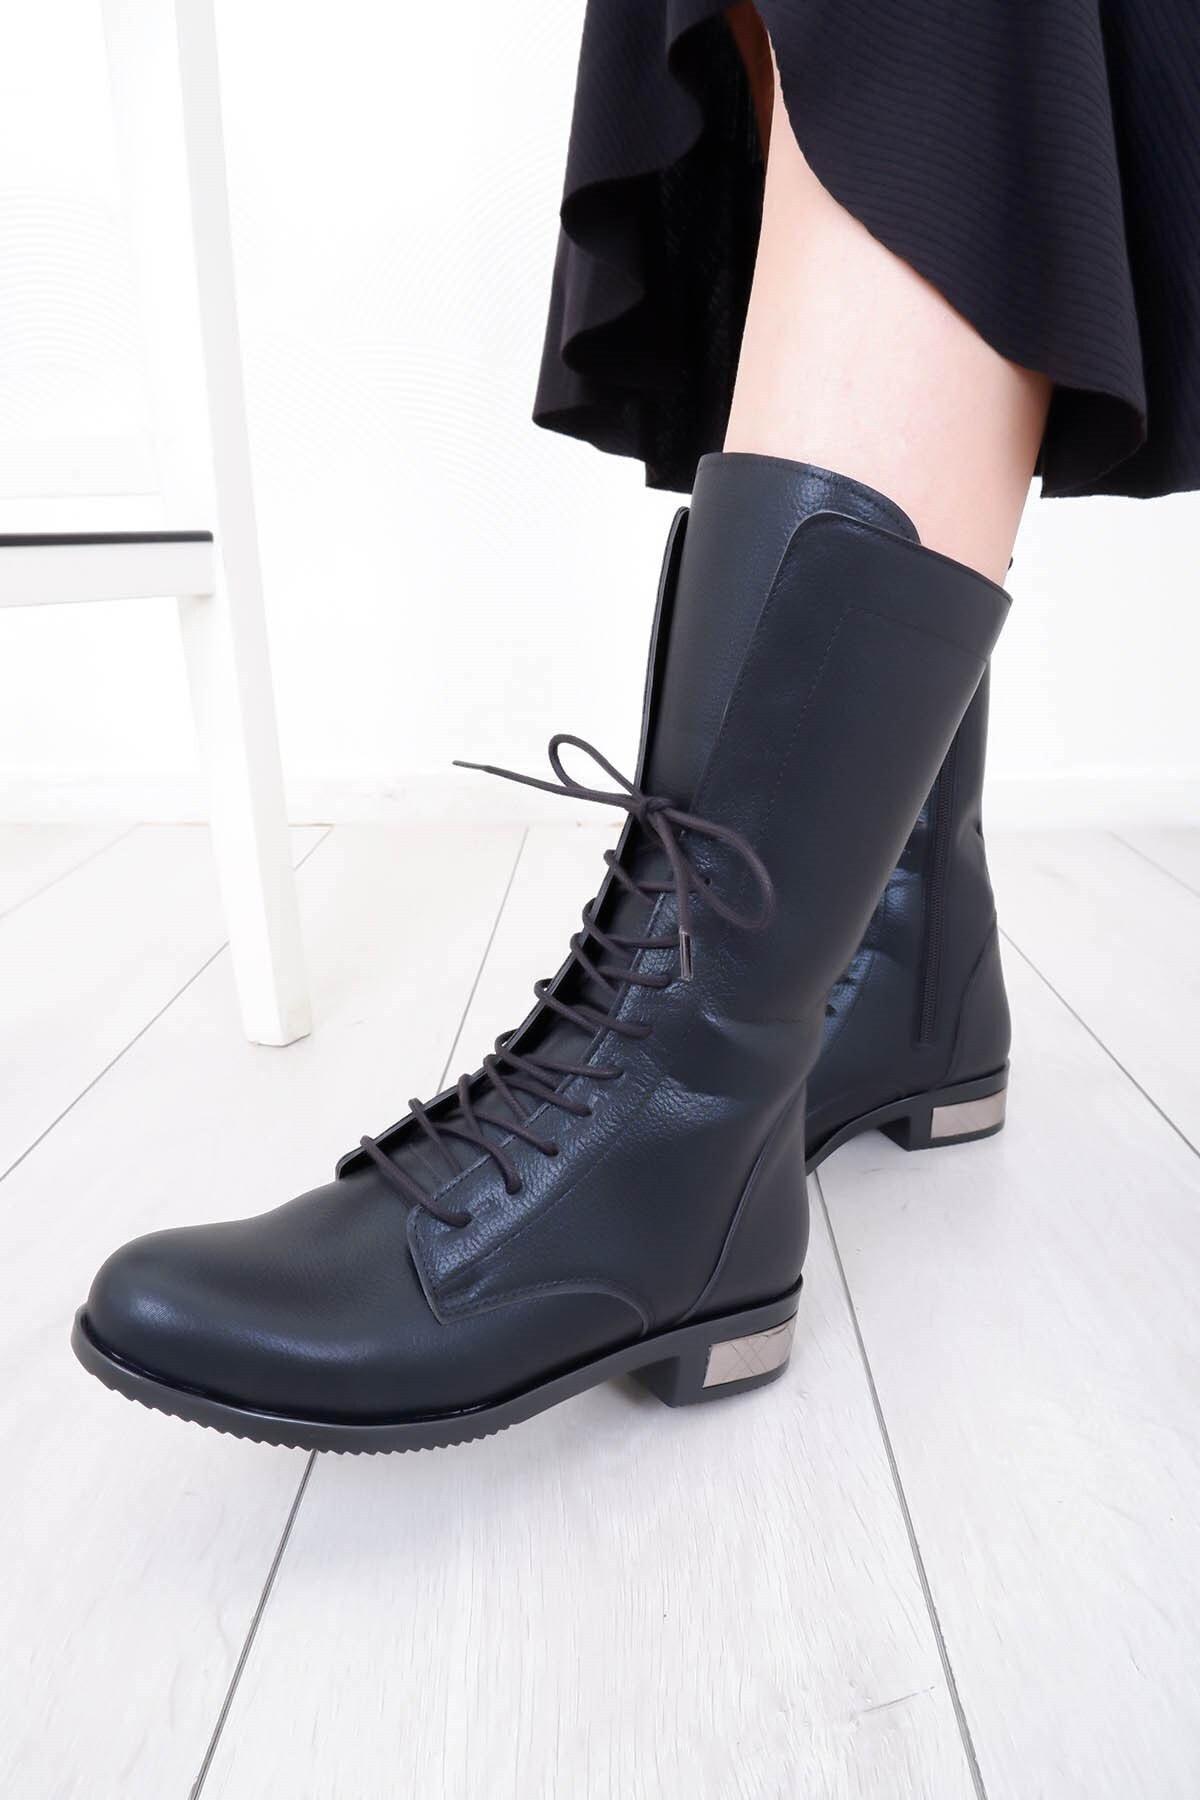 Tinka Bell Shoes K54 Kadın Bot Siyah 2